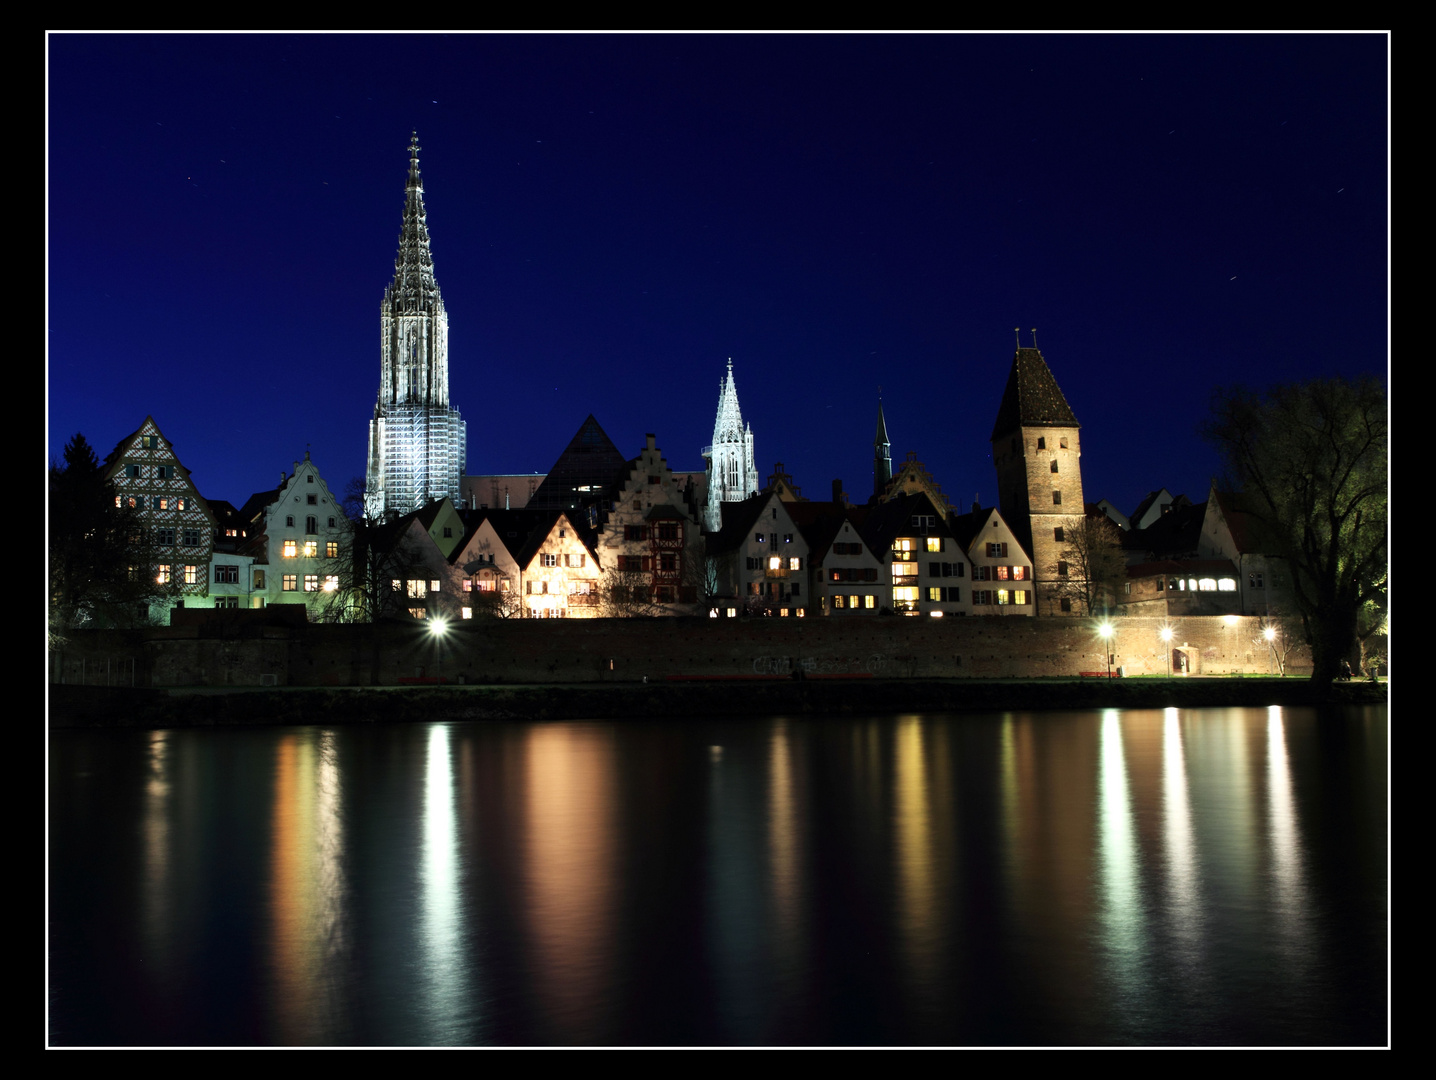 Ulm bei Nacht (I)